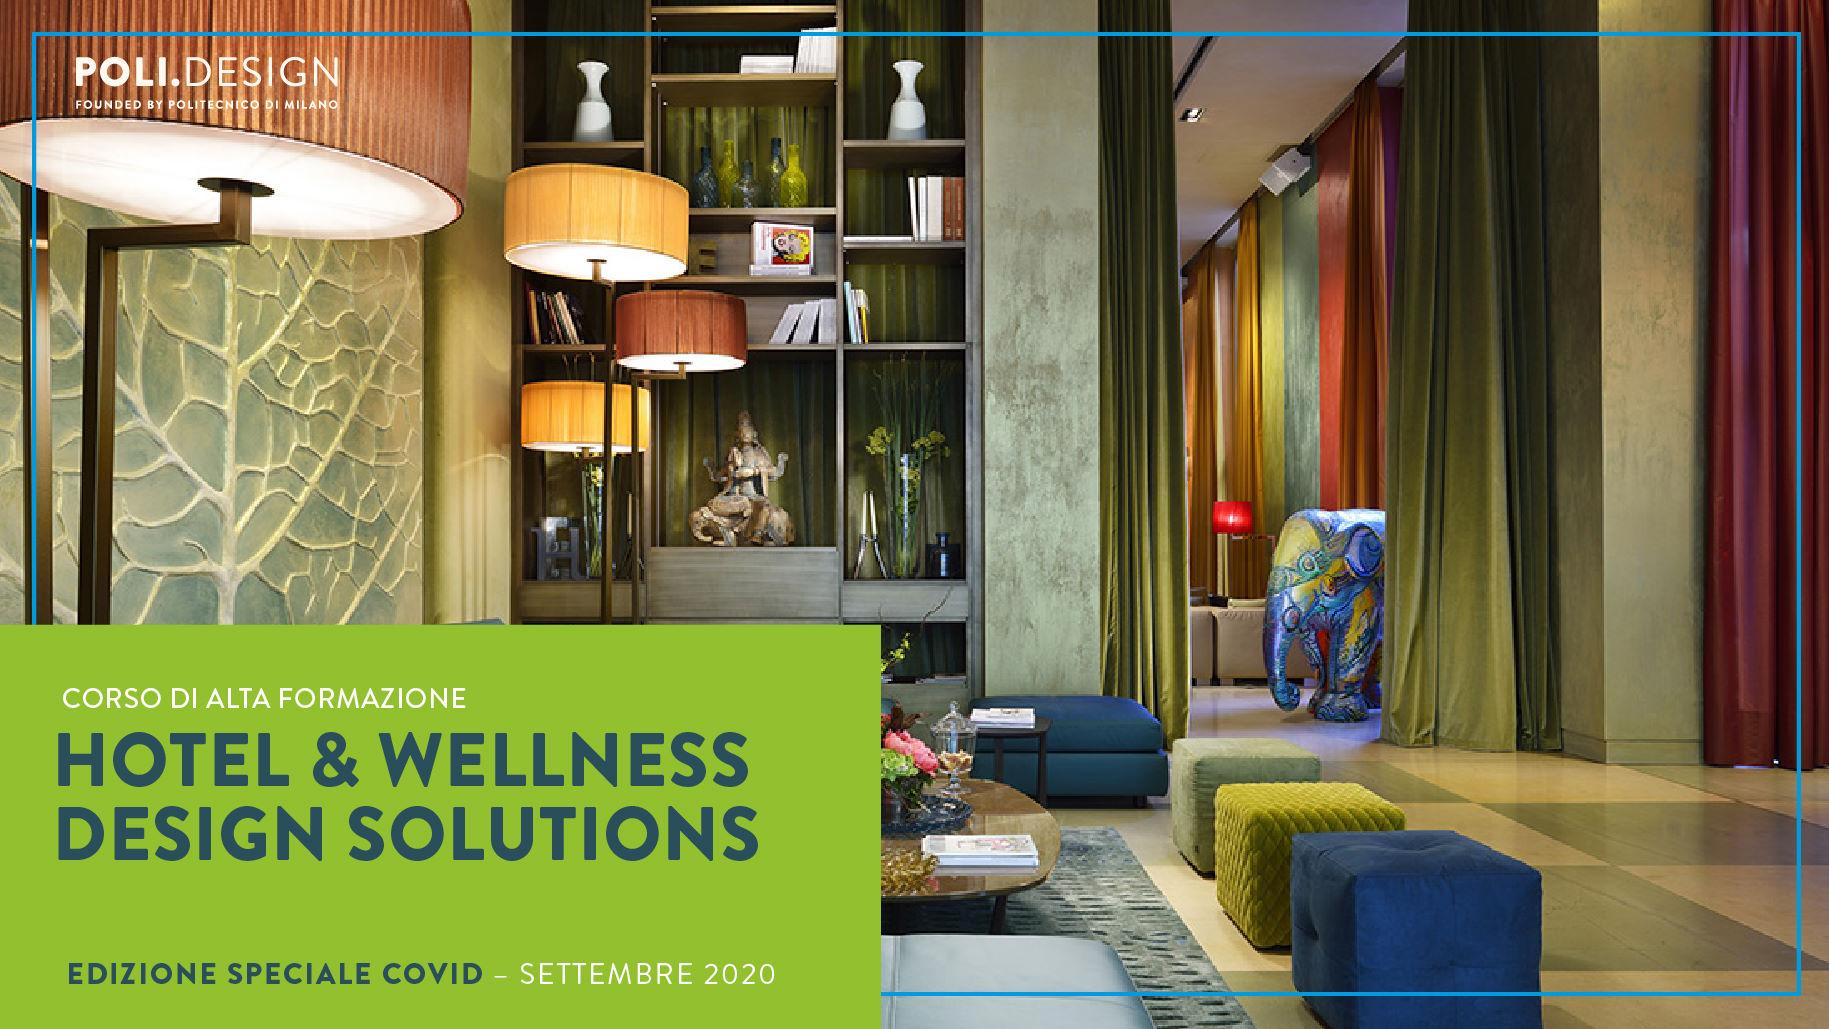 Hotel & Wellness Design Solutions: Corso speciale di Alta Formazione per ospitalità e igiene COVID19